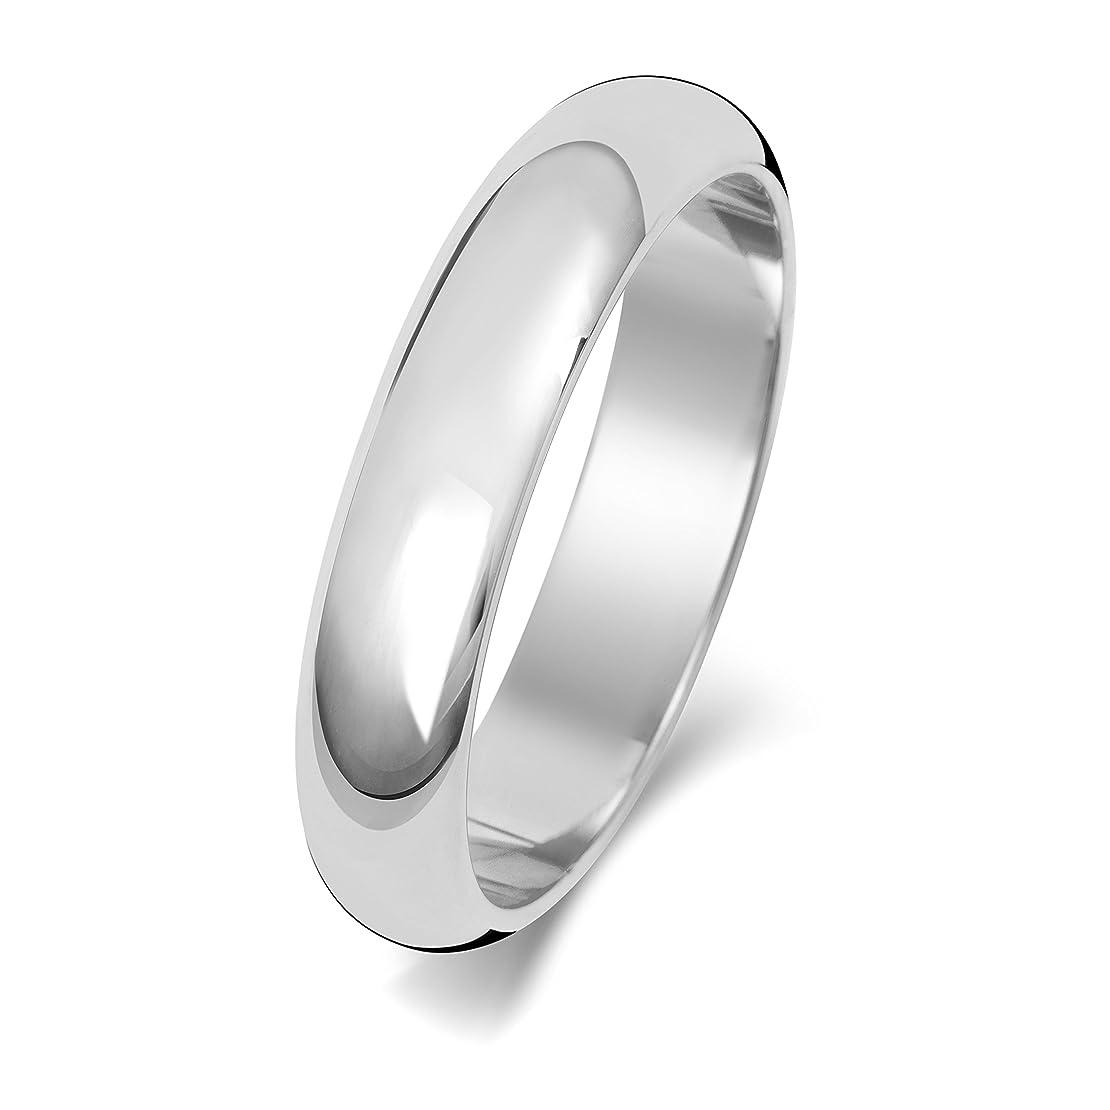 筋肉の雪分注する9K 9金ホワイトゴールド 4mm 男性 女性 ウェディングバンド マリッジリング(結婚指輪) WQS150519KW